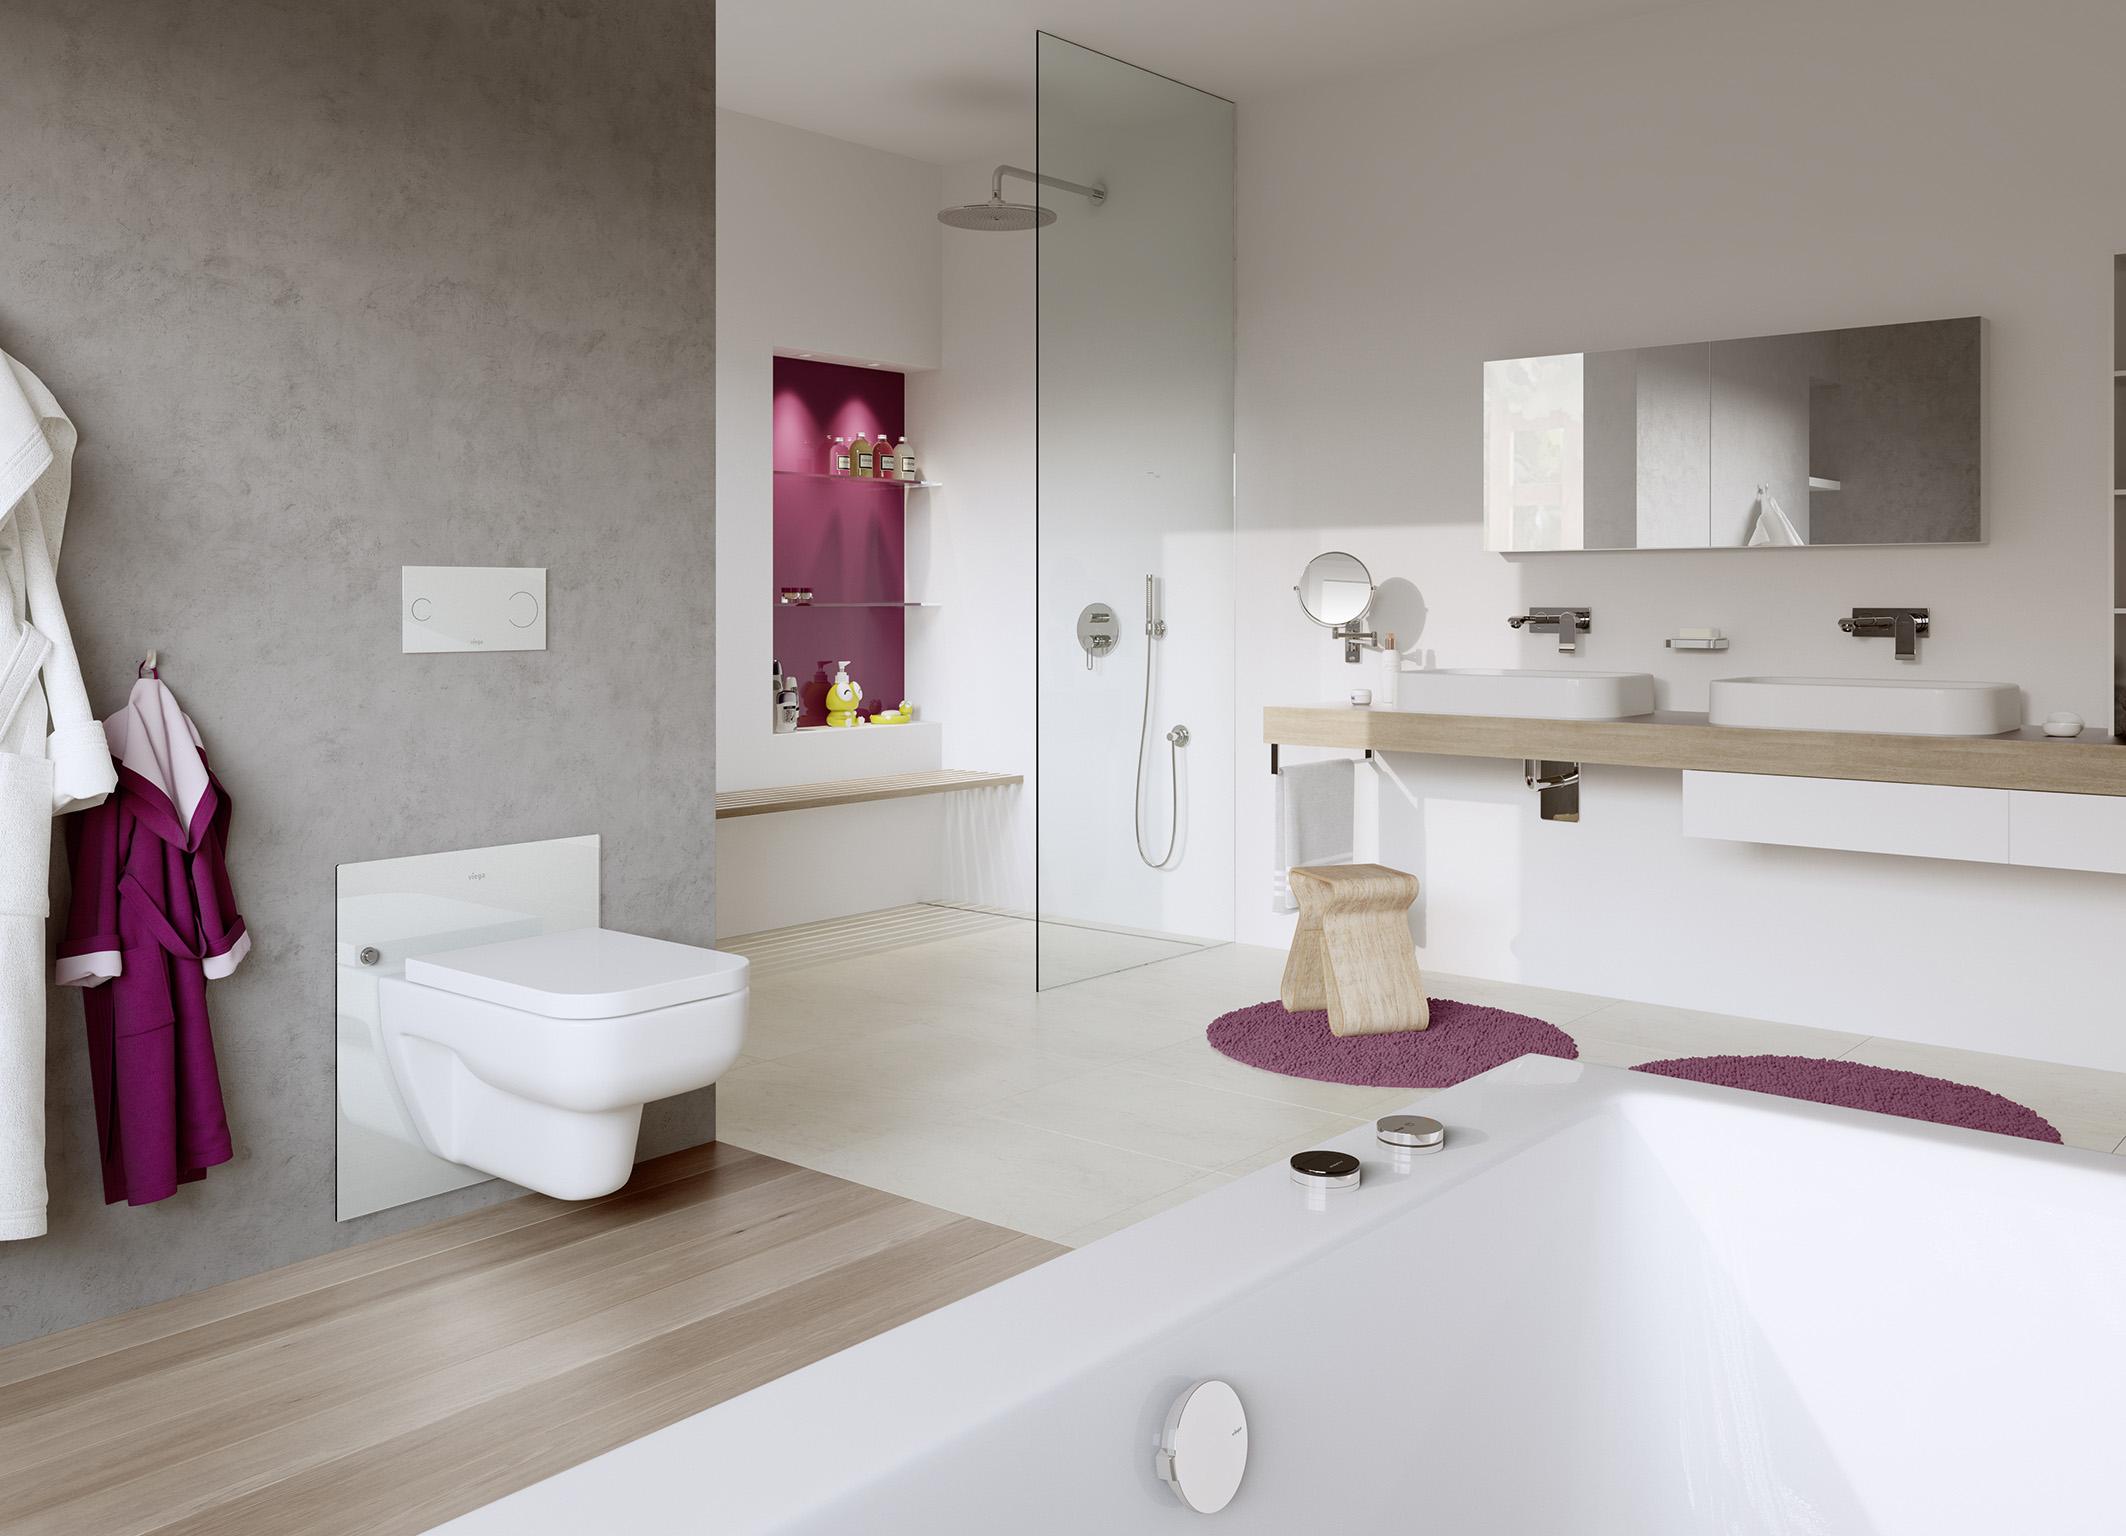 Badkamer voor iedere leeftijd en lengte voorlichtingsburo wonen - Badkamer in lengte ...